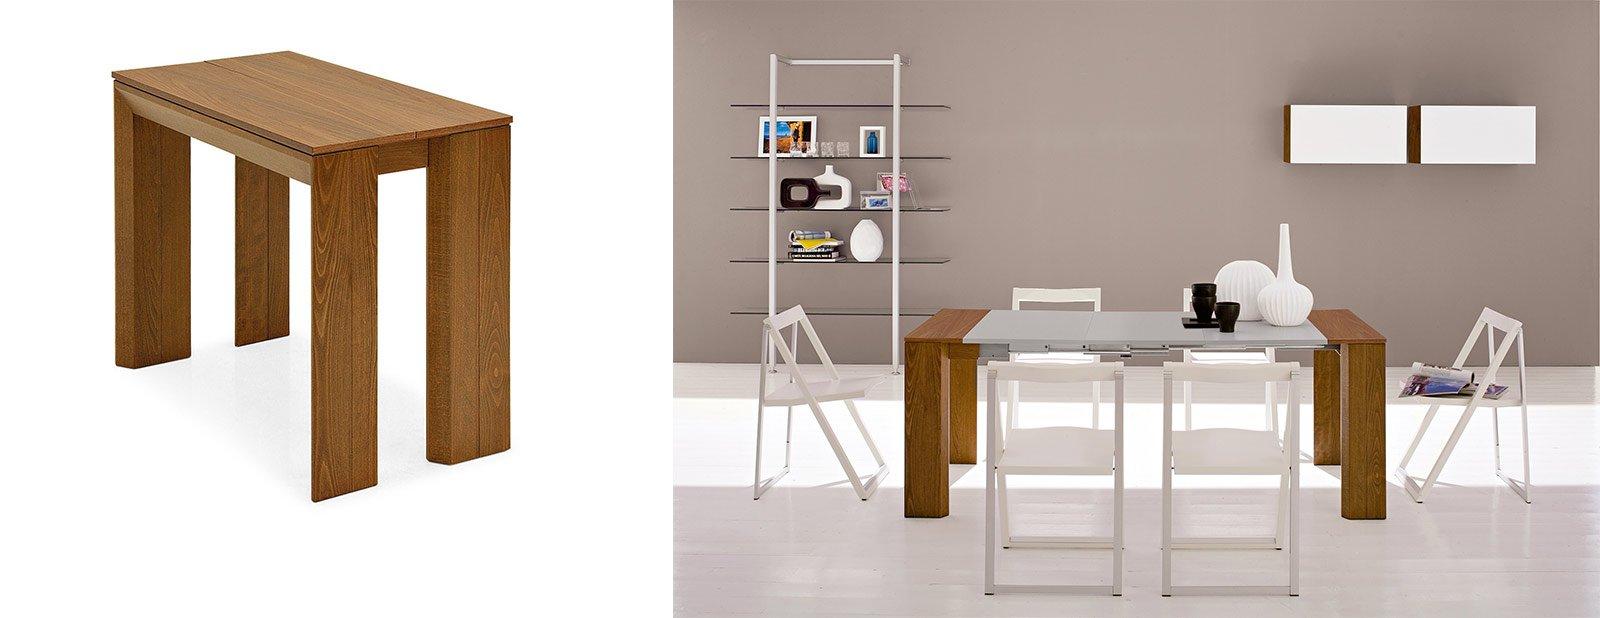 Dimensioni Tavoli Da Cucina. Simple Misure Cucina Ad Angolo Reflex ...